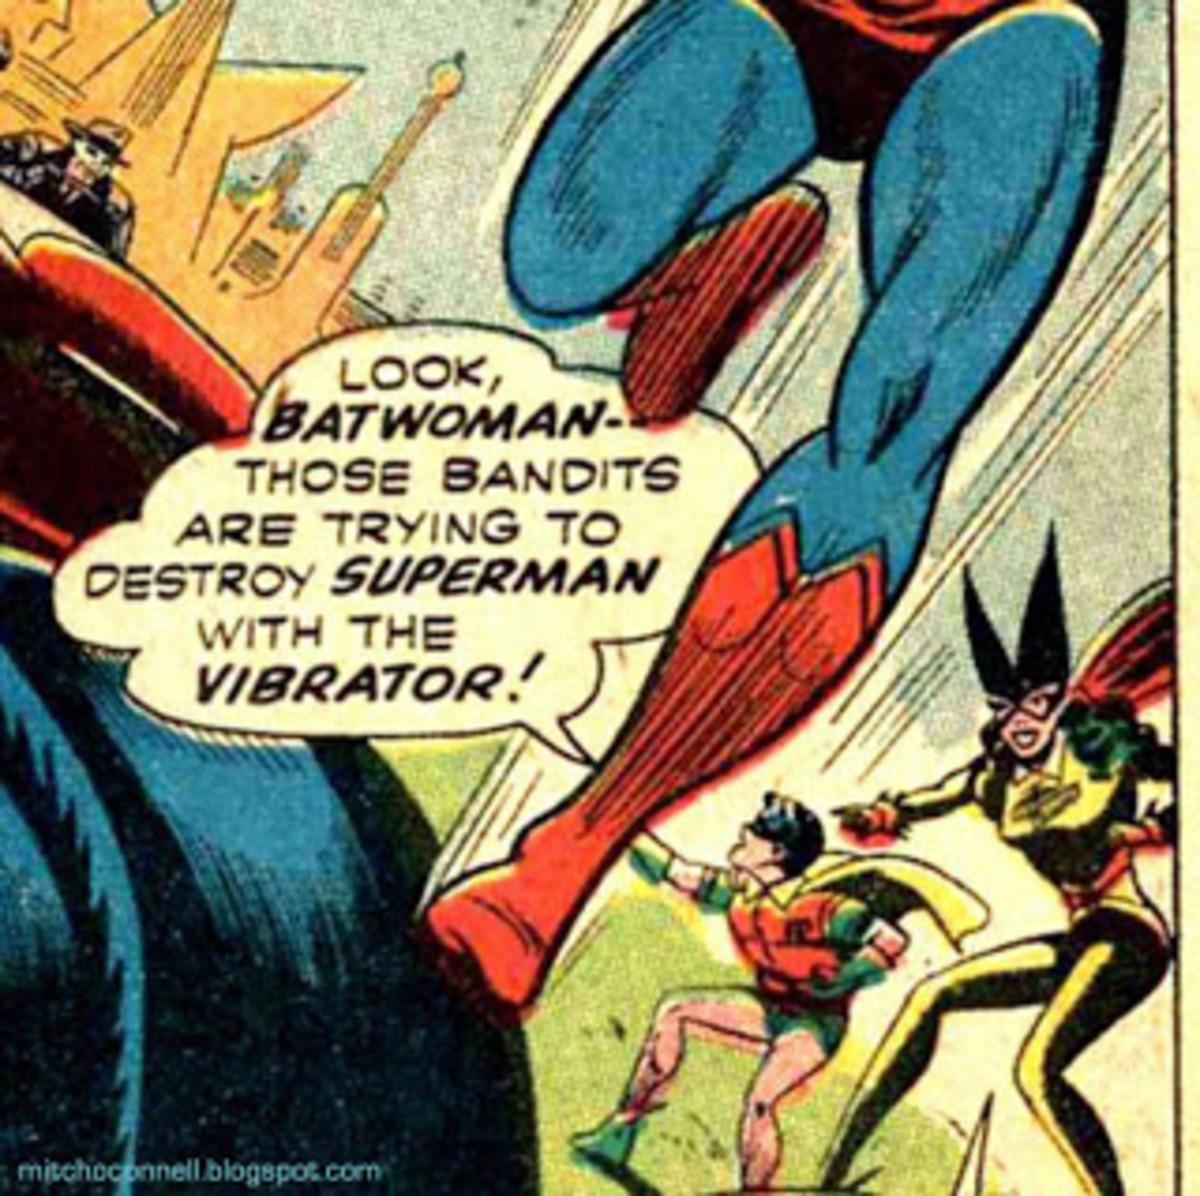 True Kryptonite. .. The Time Vibrator?!